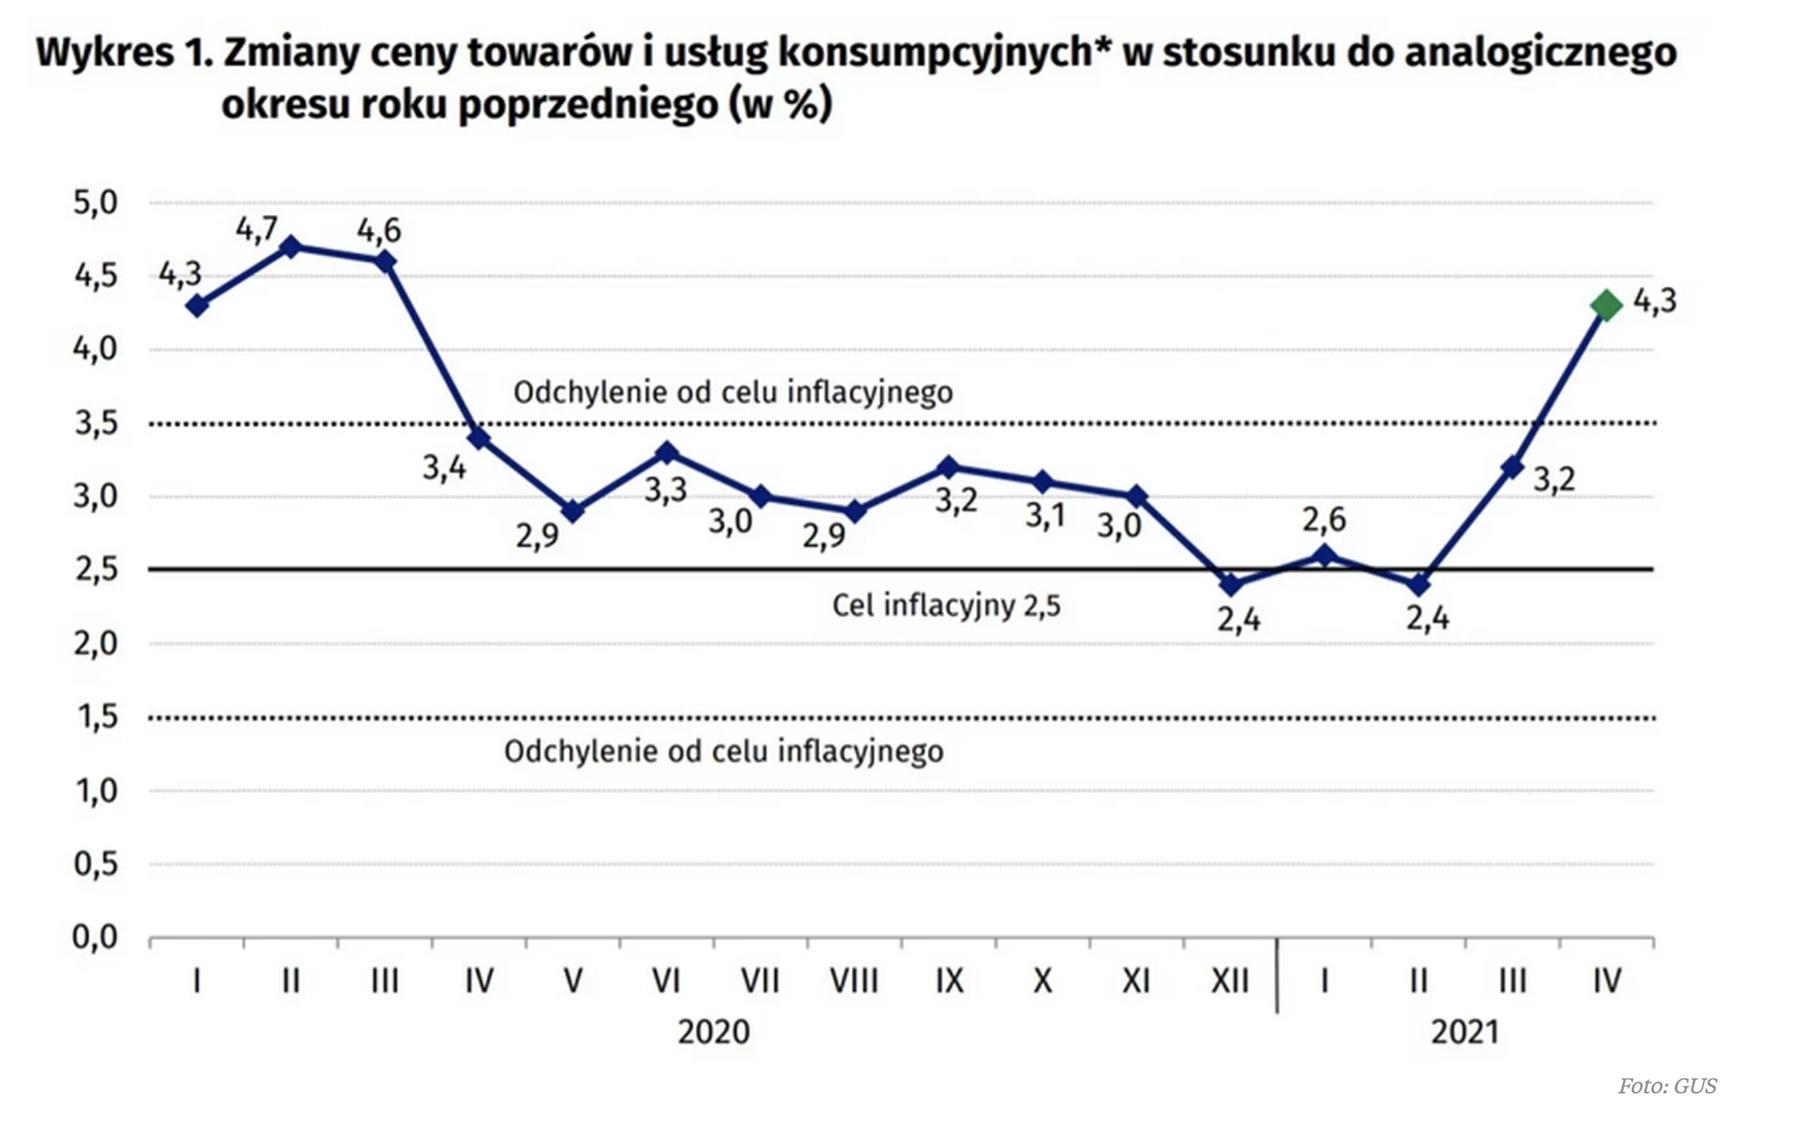 TavexNews: Inflacja w Polsce coraz bardziej oddala się od celu inflacyjnego NBP